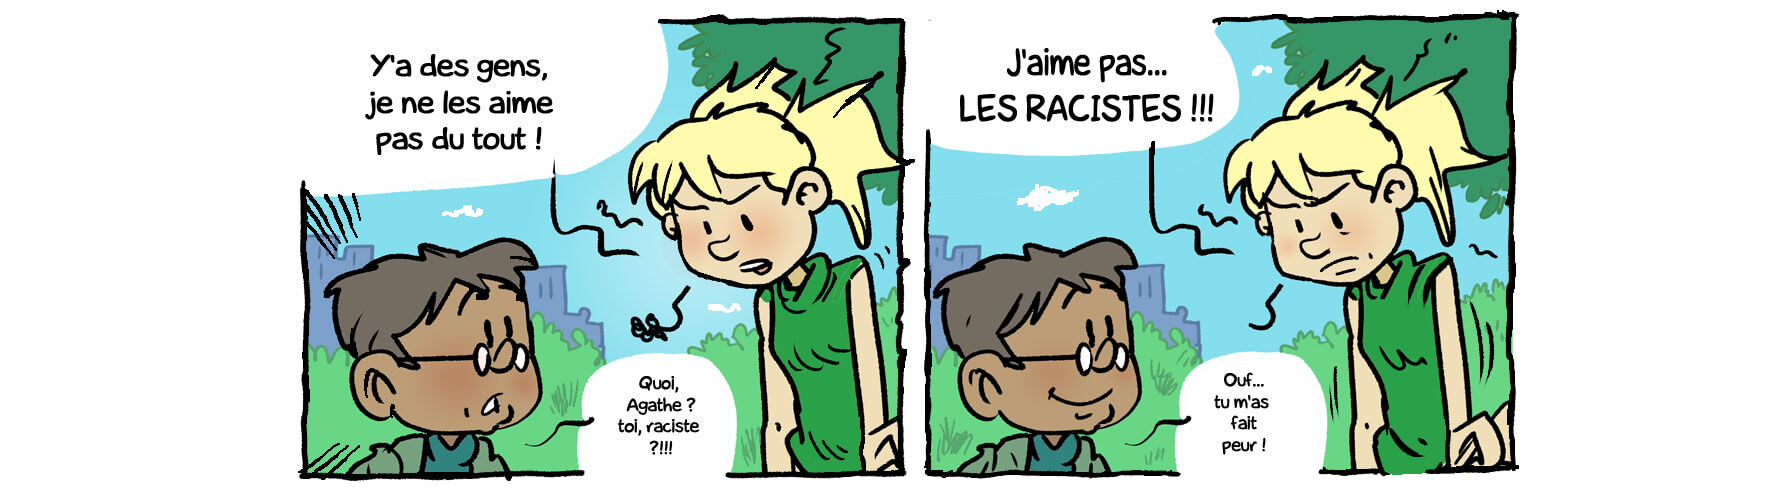 Tous unis contre le racisme